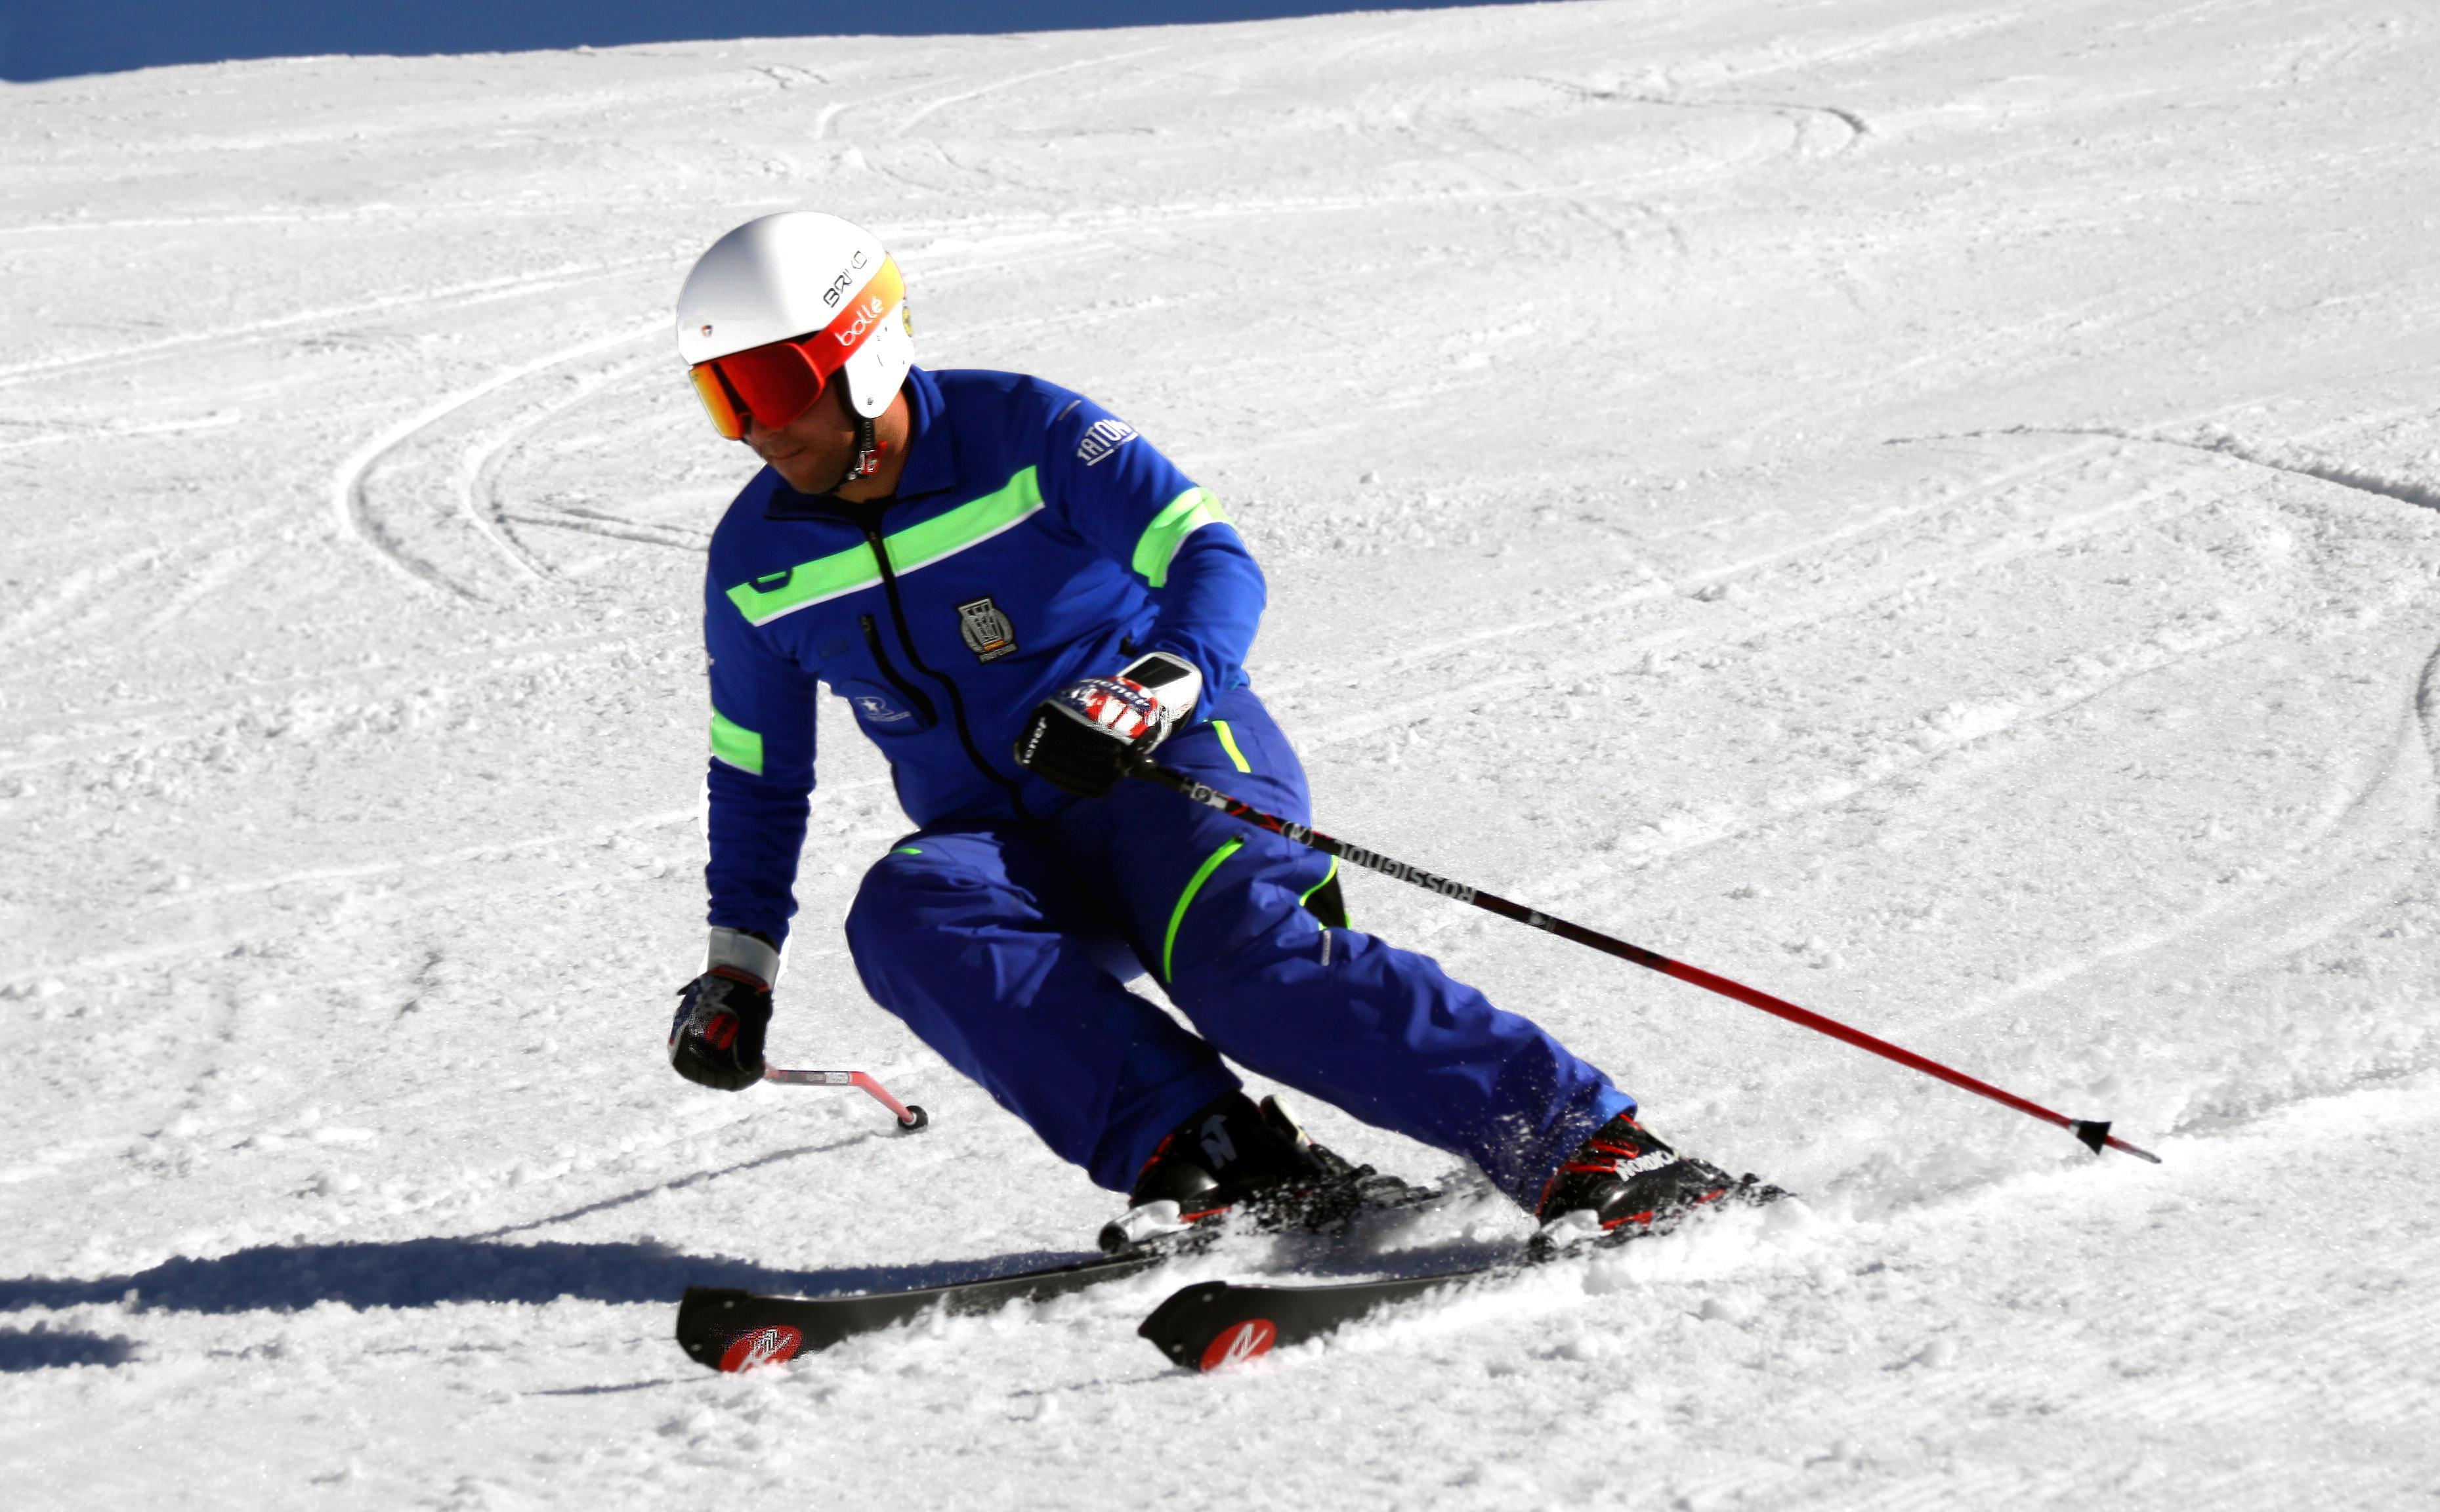 Cours de ski Adultes - Avancé